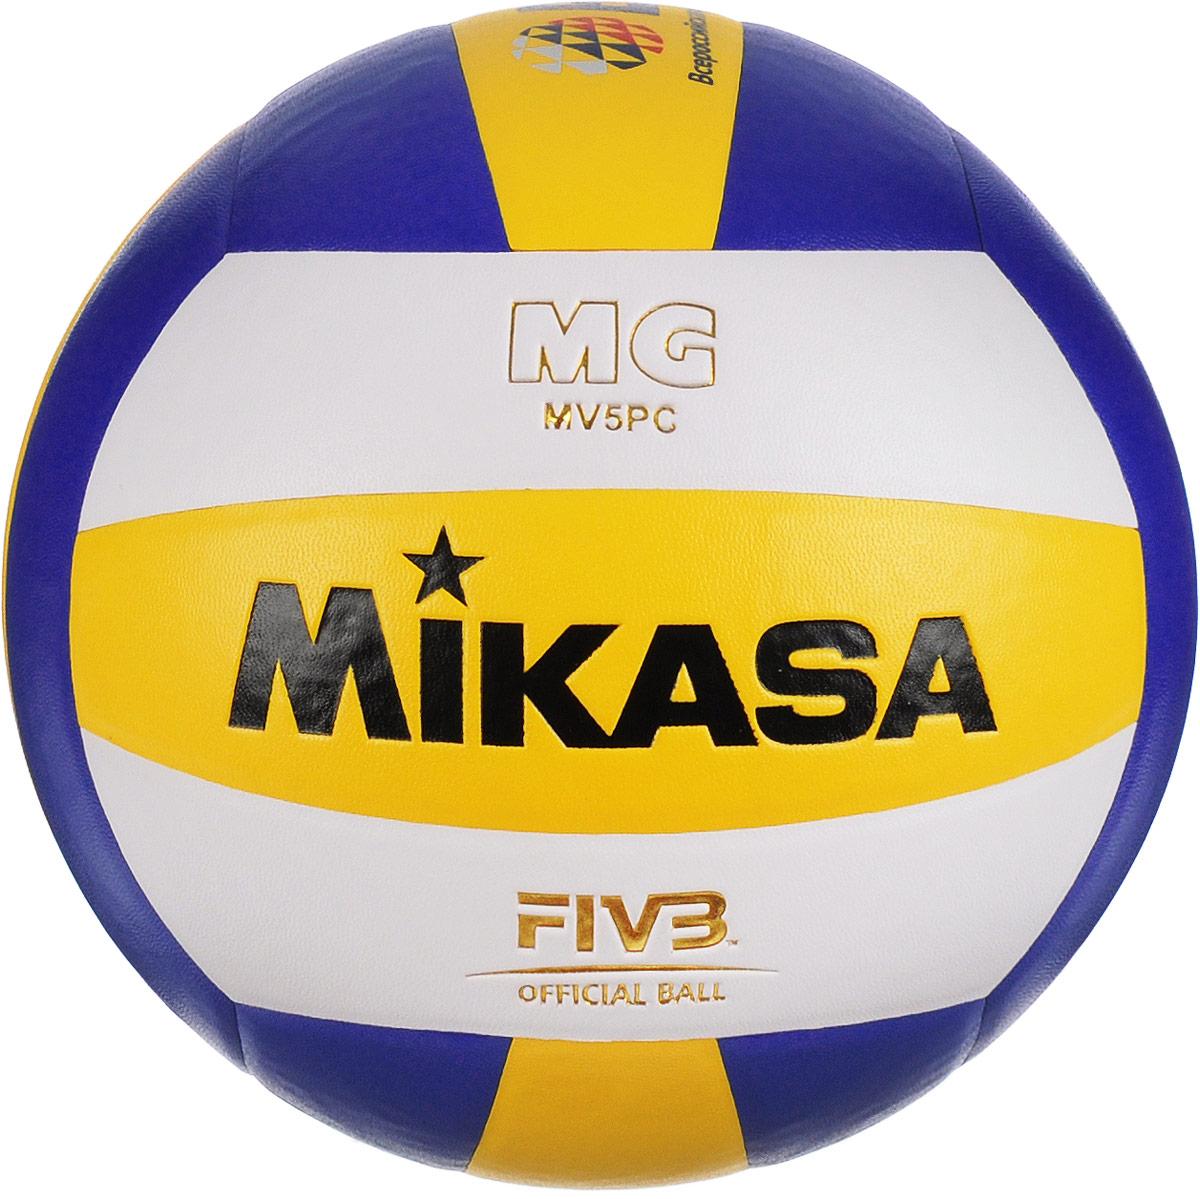 Мяч волейбольный Mikasa MV 5 PC. Размер 5УТ-00001279Облегченный мяч Mikasa MV 5 PC предназначен для игр и тренировок команд разных уровней. Изделие выполнено из синтетической кожи. Камера изготовлена из бутила. УВАЖЕМЫЕ КЛИЕНТЫ! Обращаем ваше внимание на тот факт, что мяч поставляется в сдутом виде. Насос в комплект не входит.